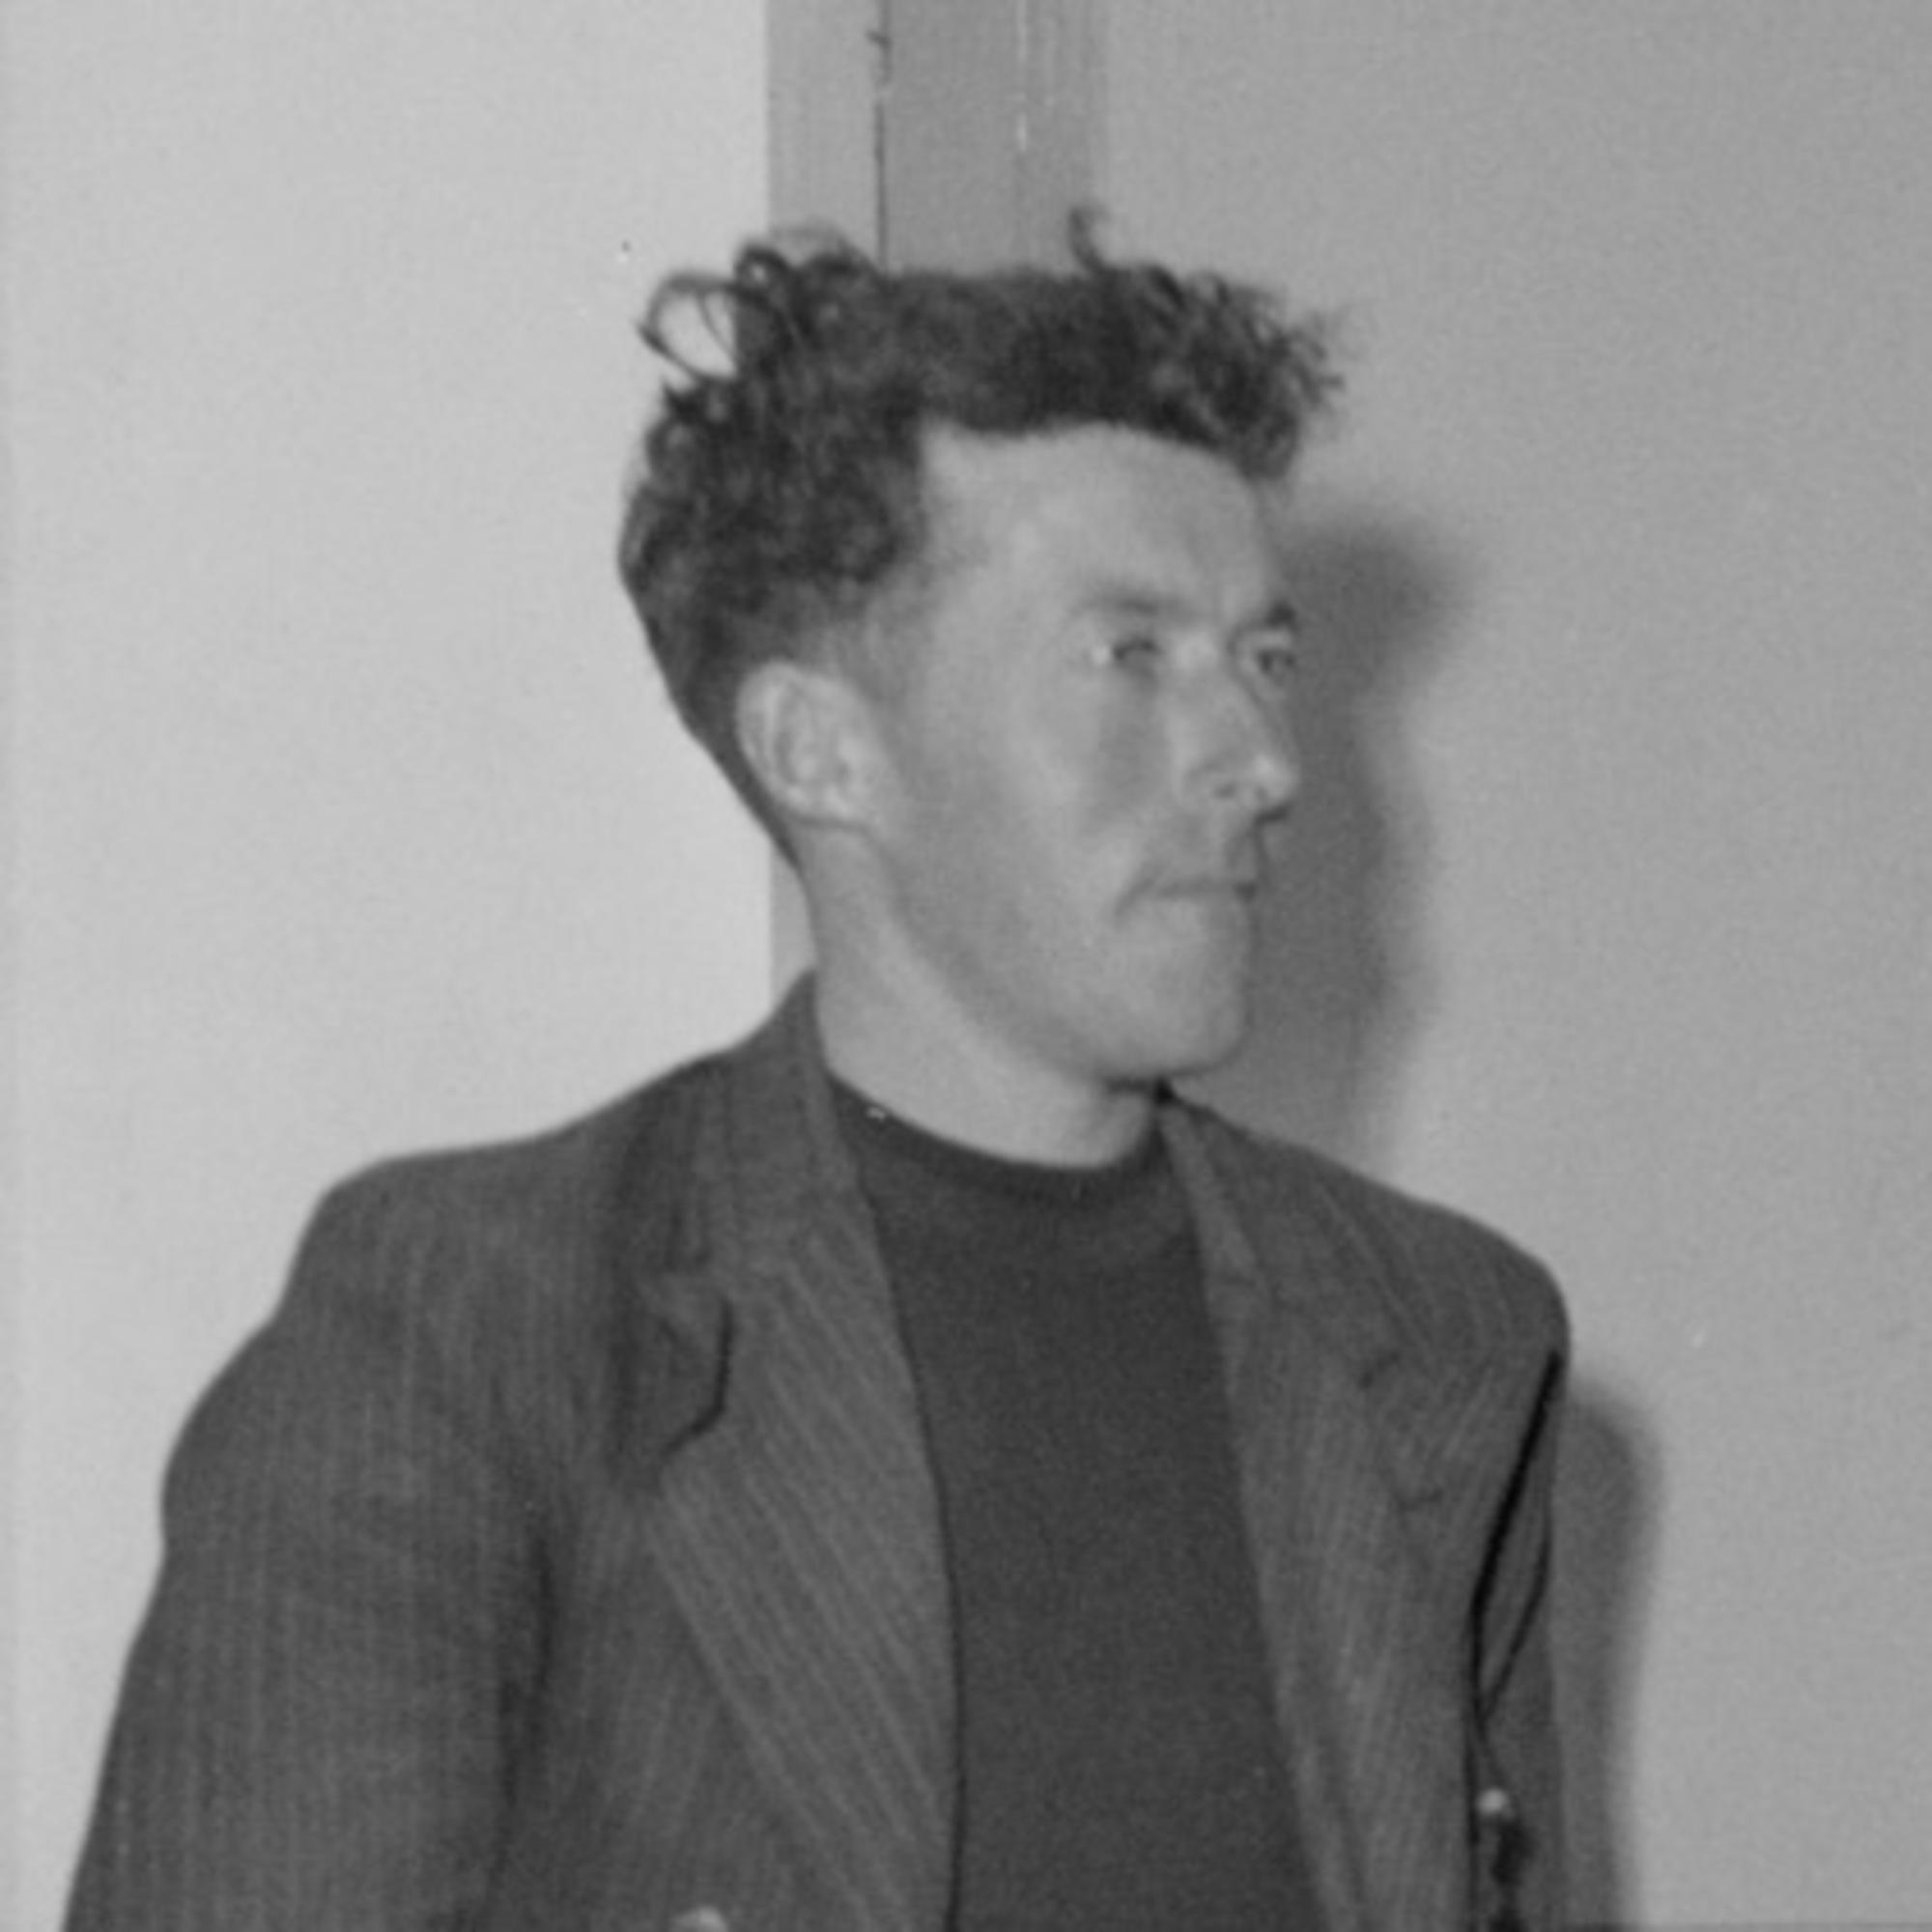 Jean Le Roch portrait